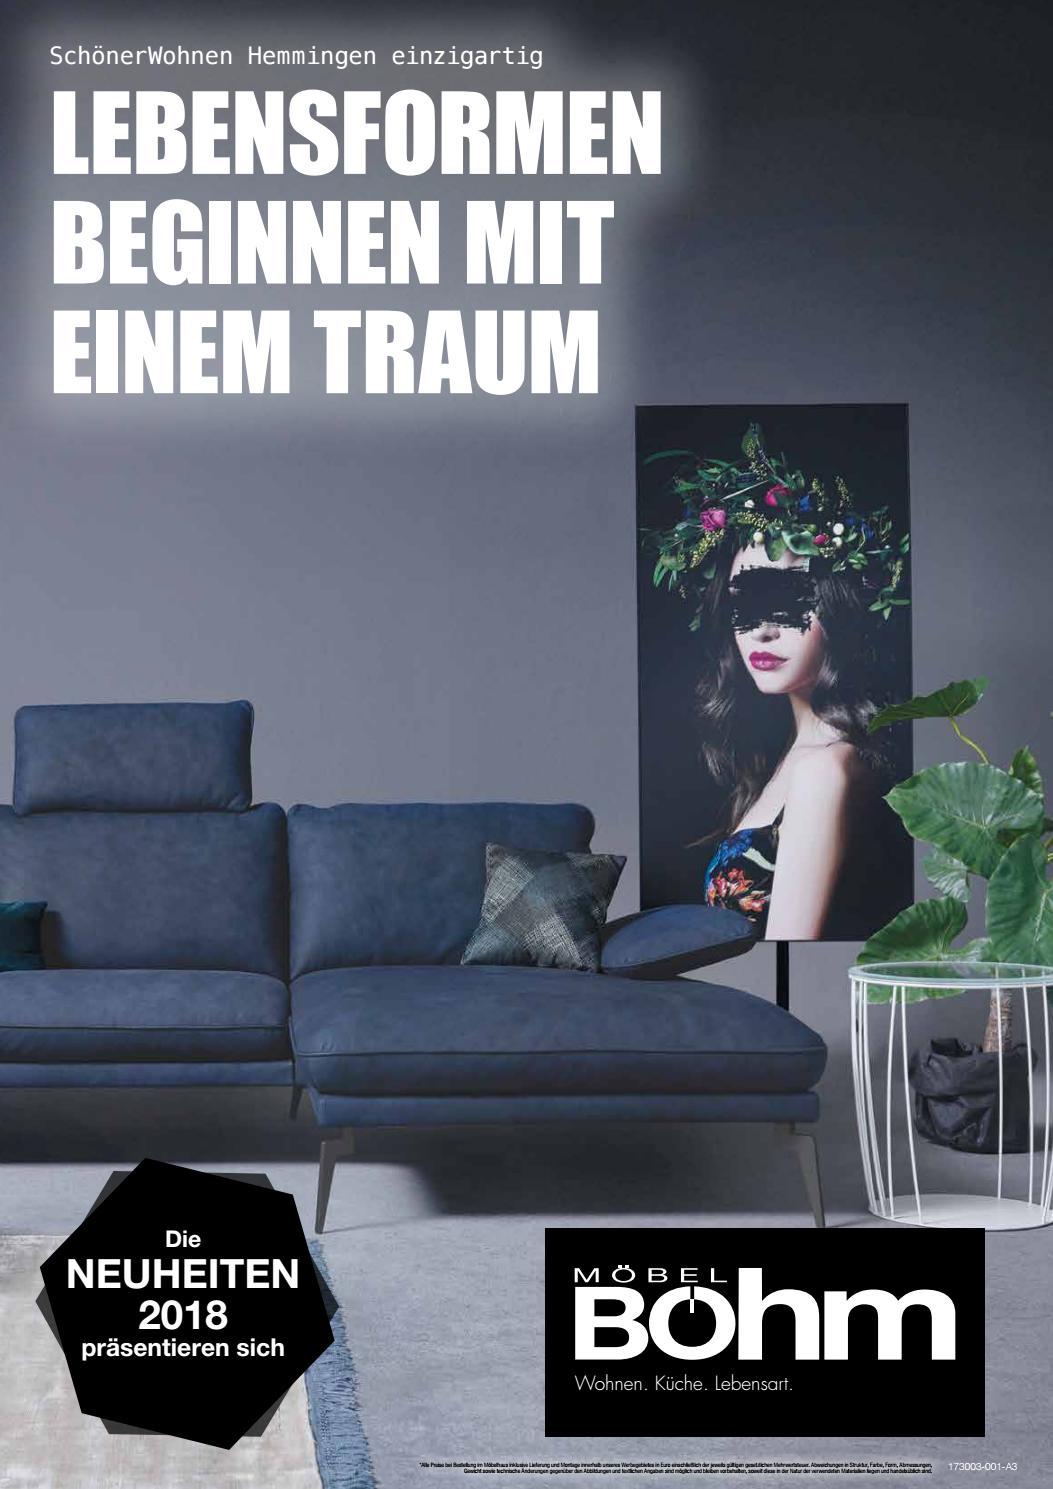 m bel b hm neuheiten 2018 by perspektive werbeagentur. Black Bedroom Furniture Sets. Home Design Ideas